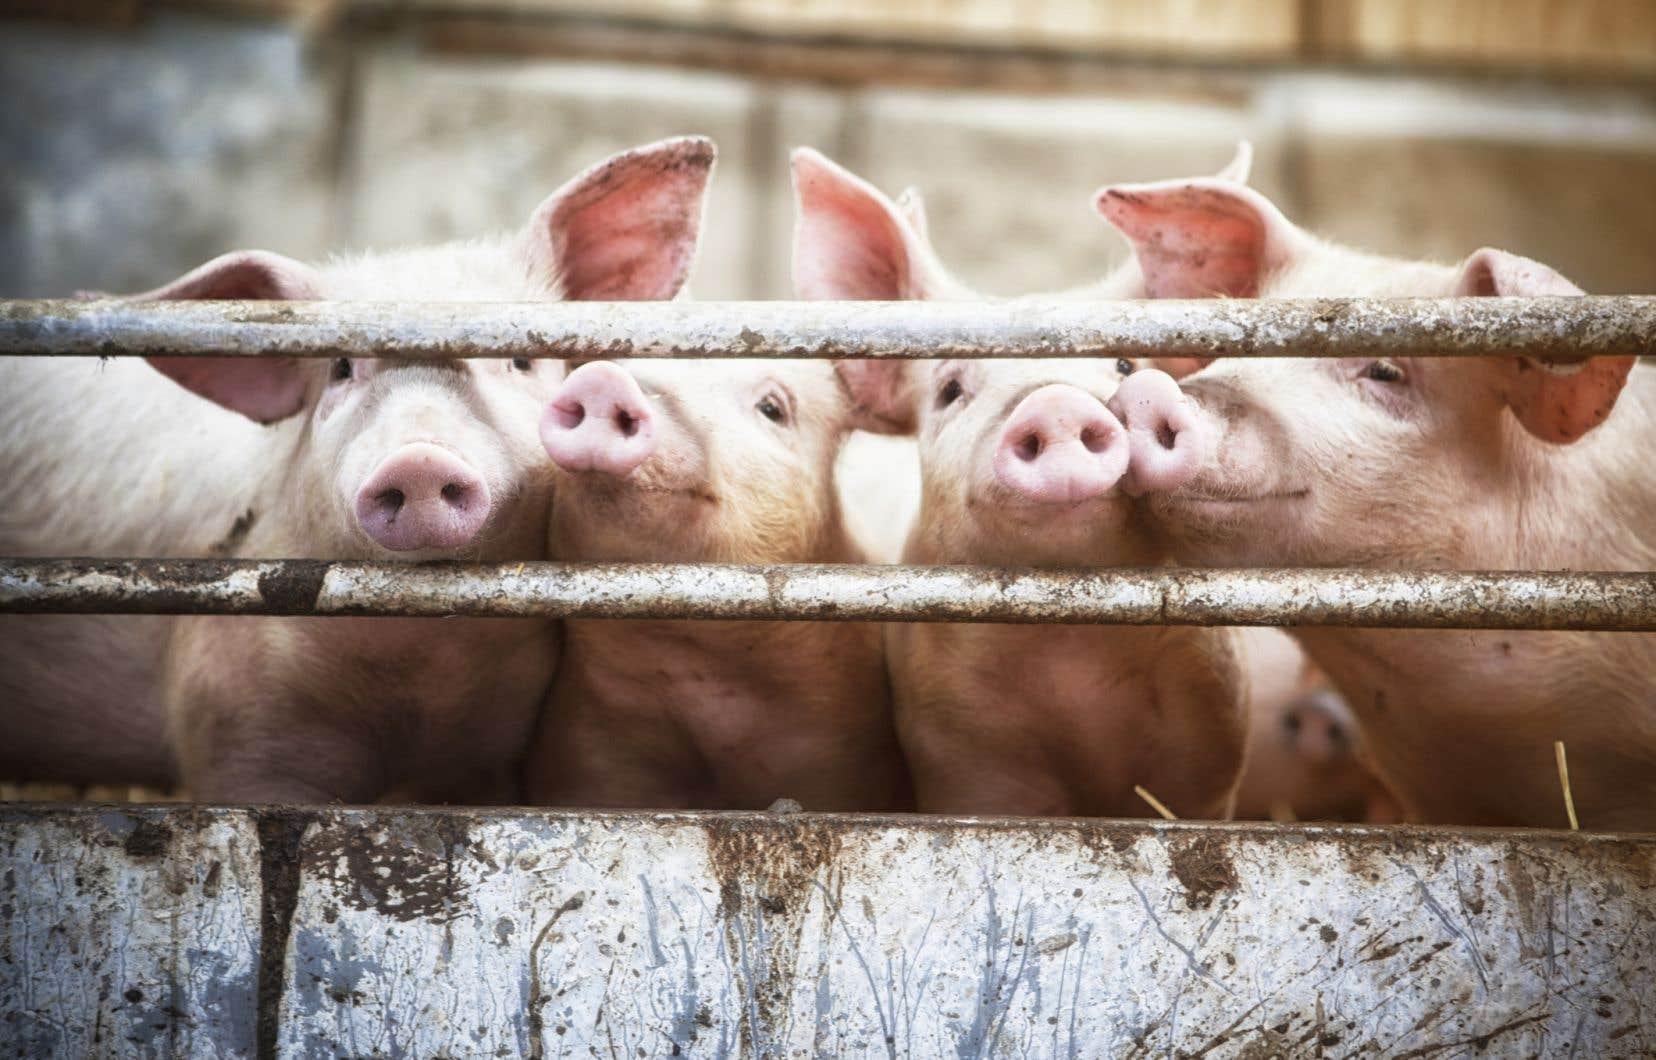 Le porc que vous mangez a peut-être englouti le pain et les biscuits que vous n'auriez pas pu consommer ou la drêche de votre bière préférée.